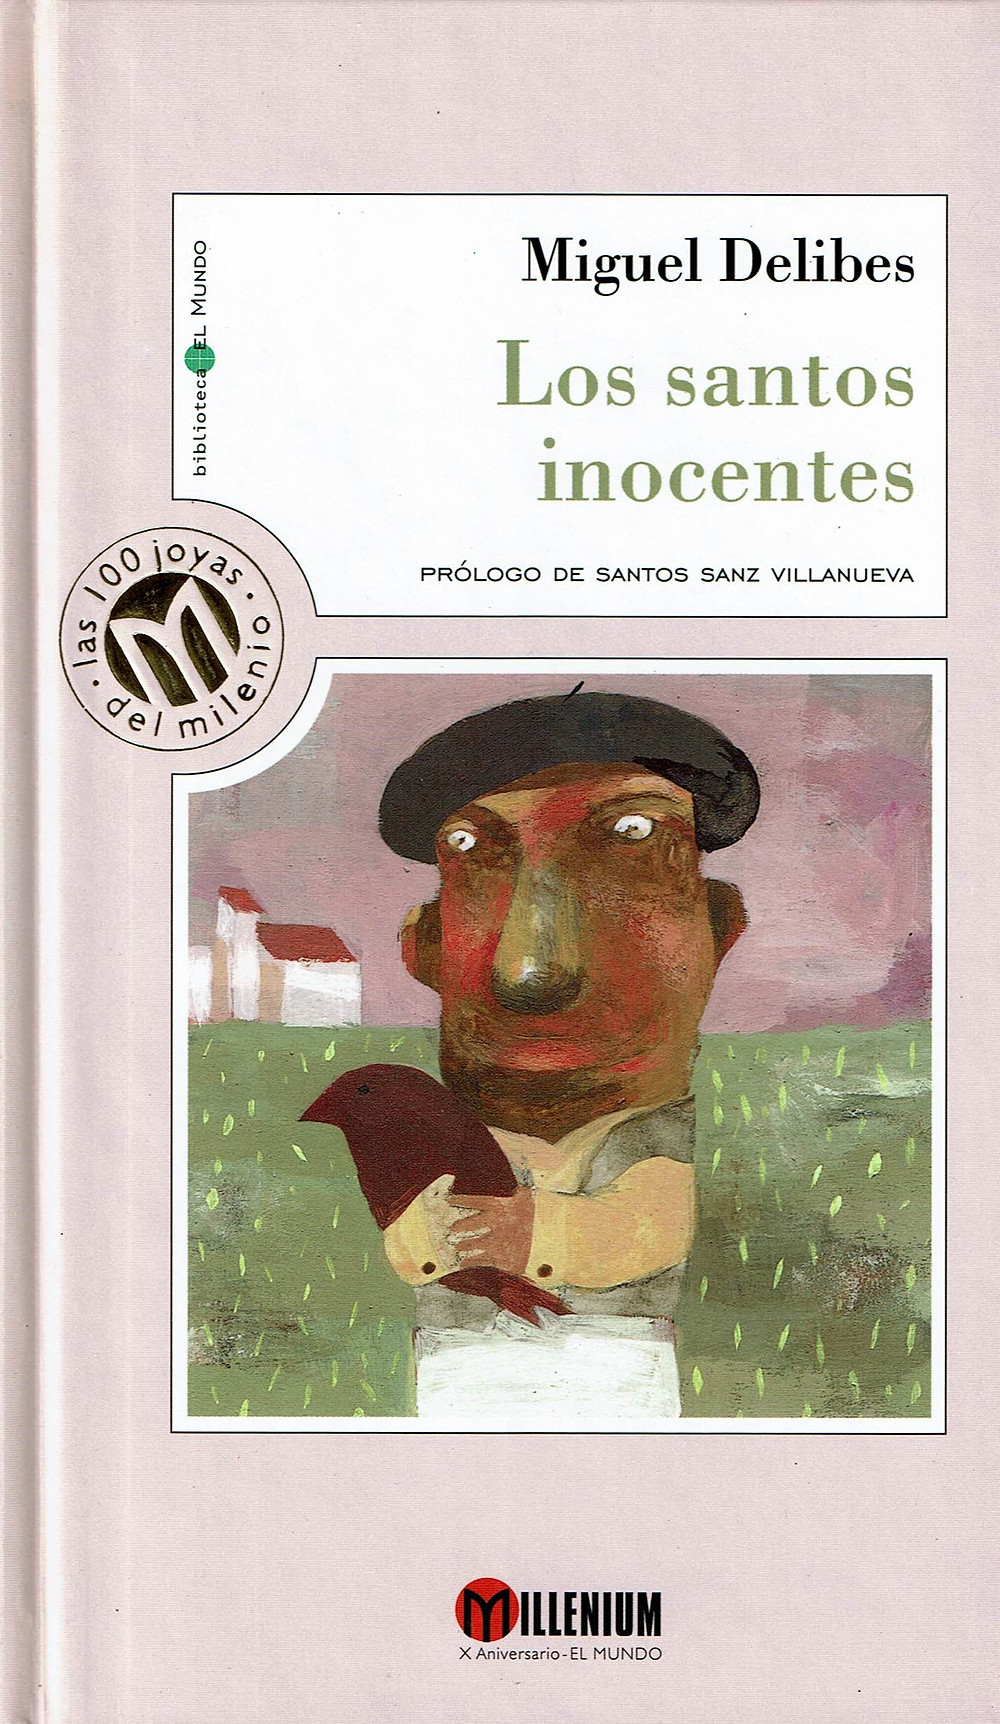 Los santos inocentes. Miguel Delibes. Ver reportaje de la película de MArio Camus. RTVE.es